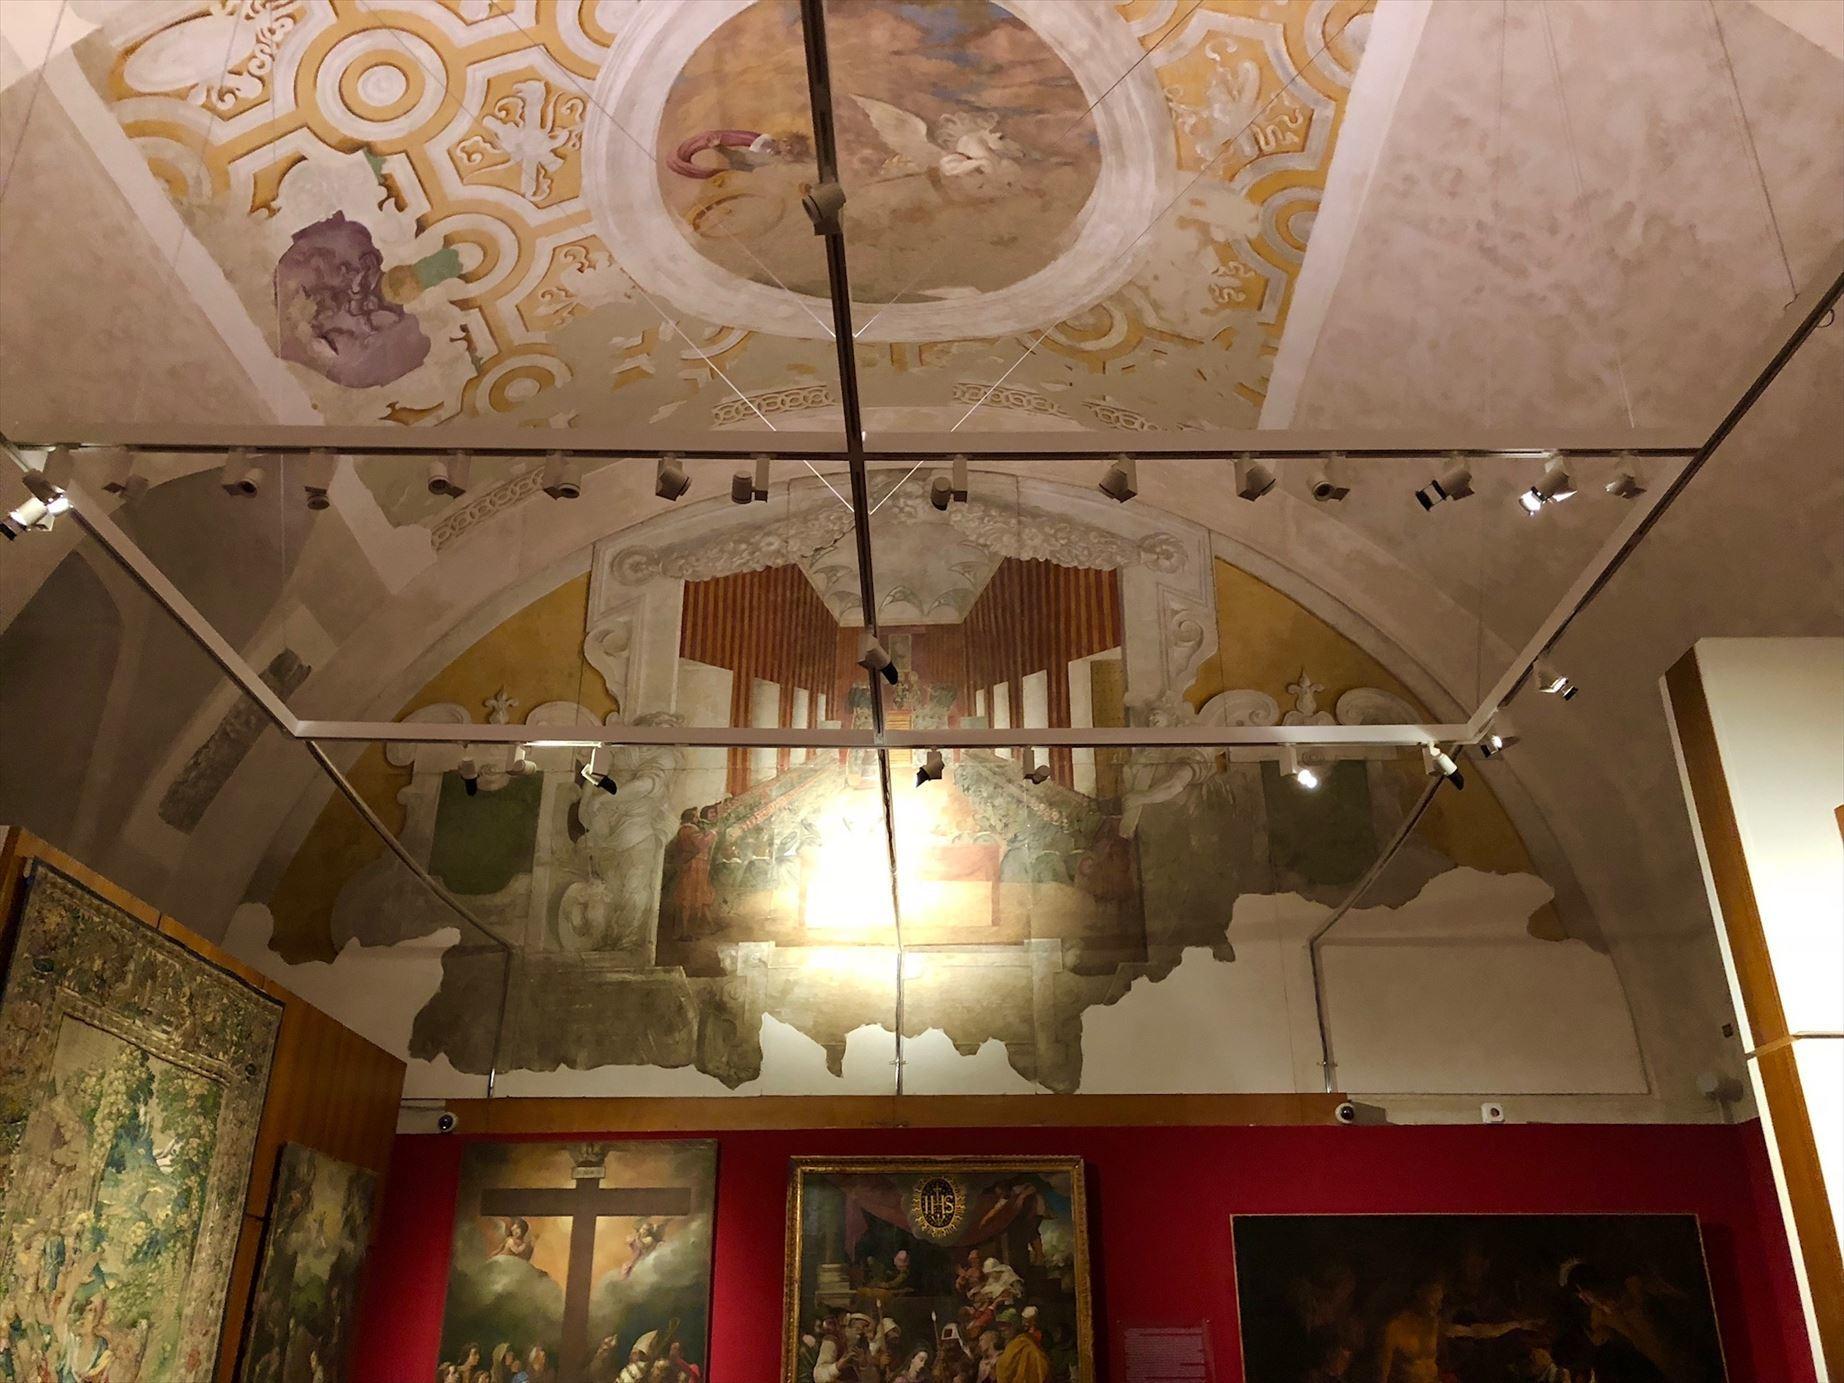 パレルモ 2  圧巻のモザイク装飾 パラティーナ礼拝堂_a0092659_23263309.jpg